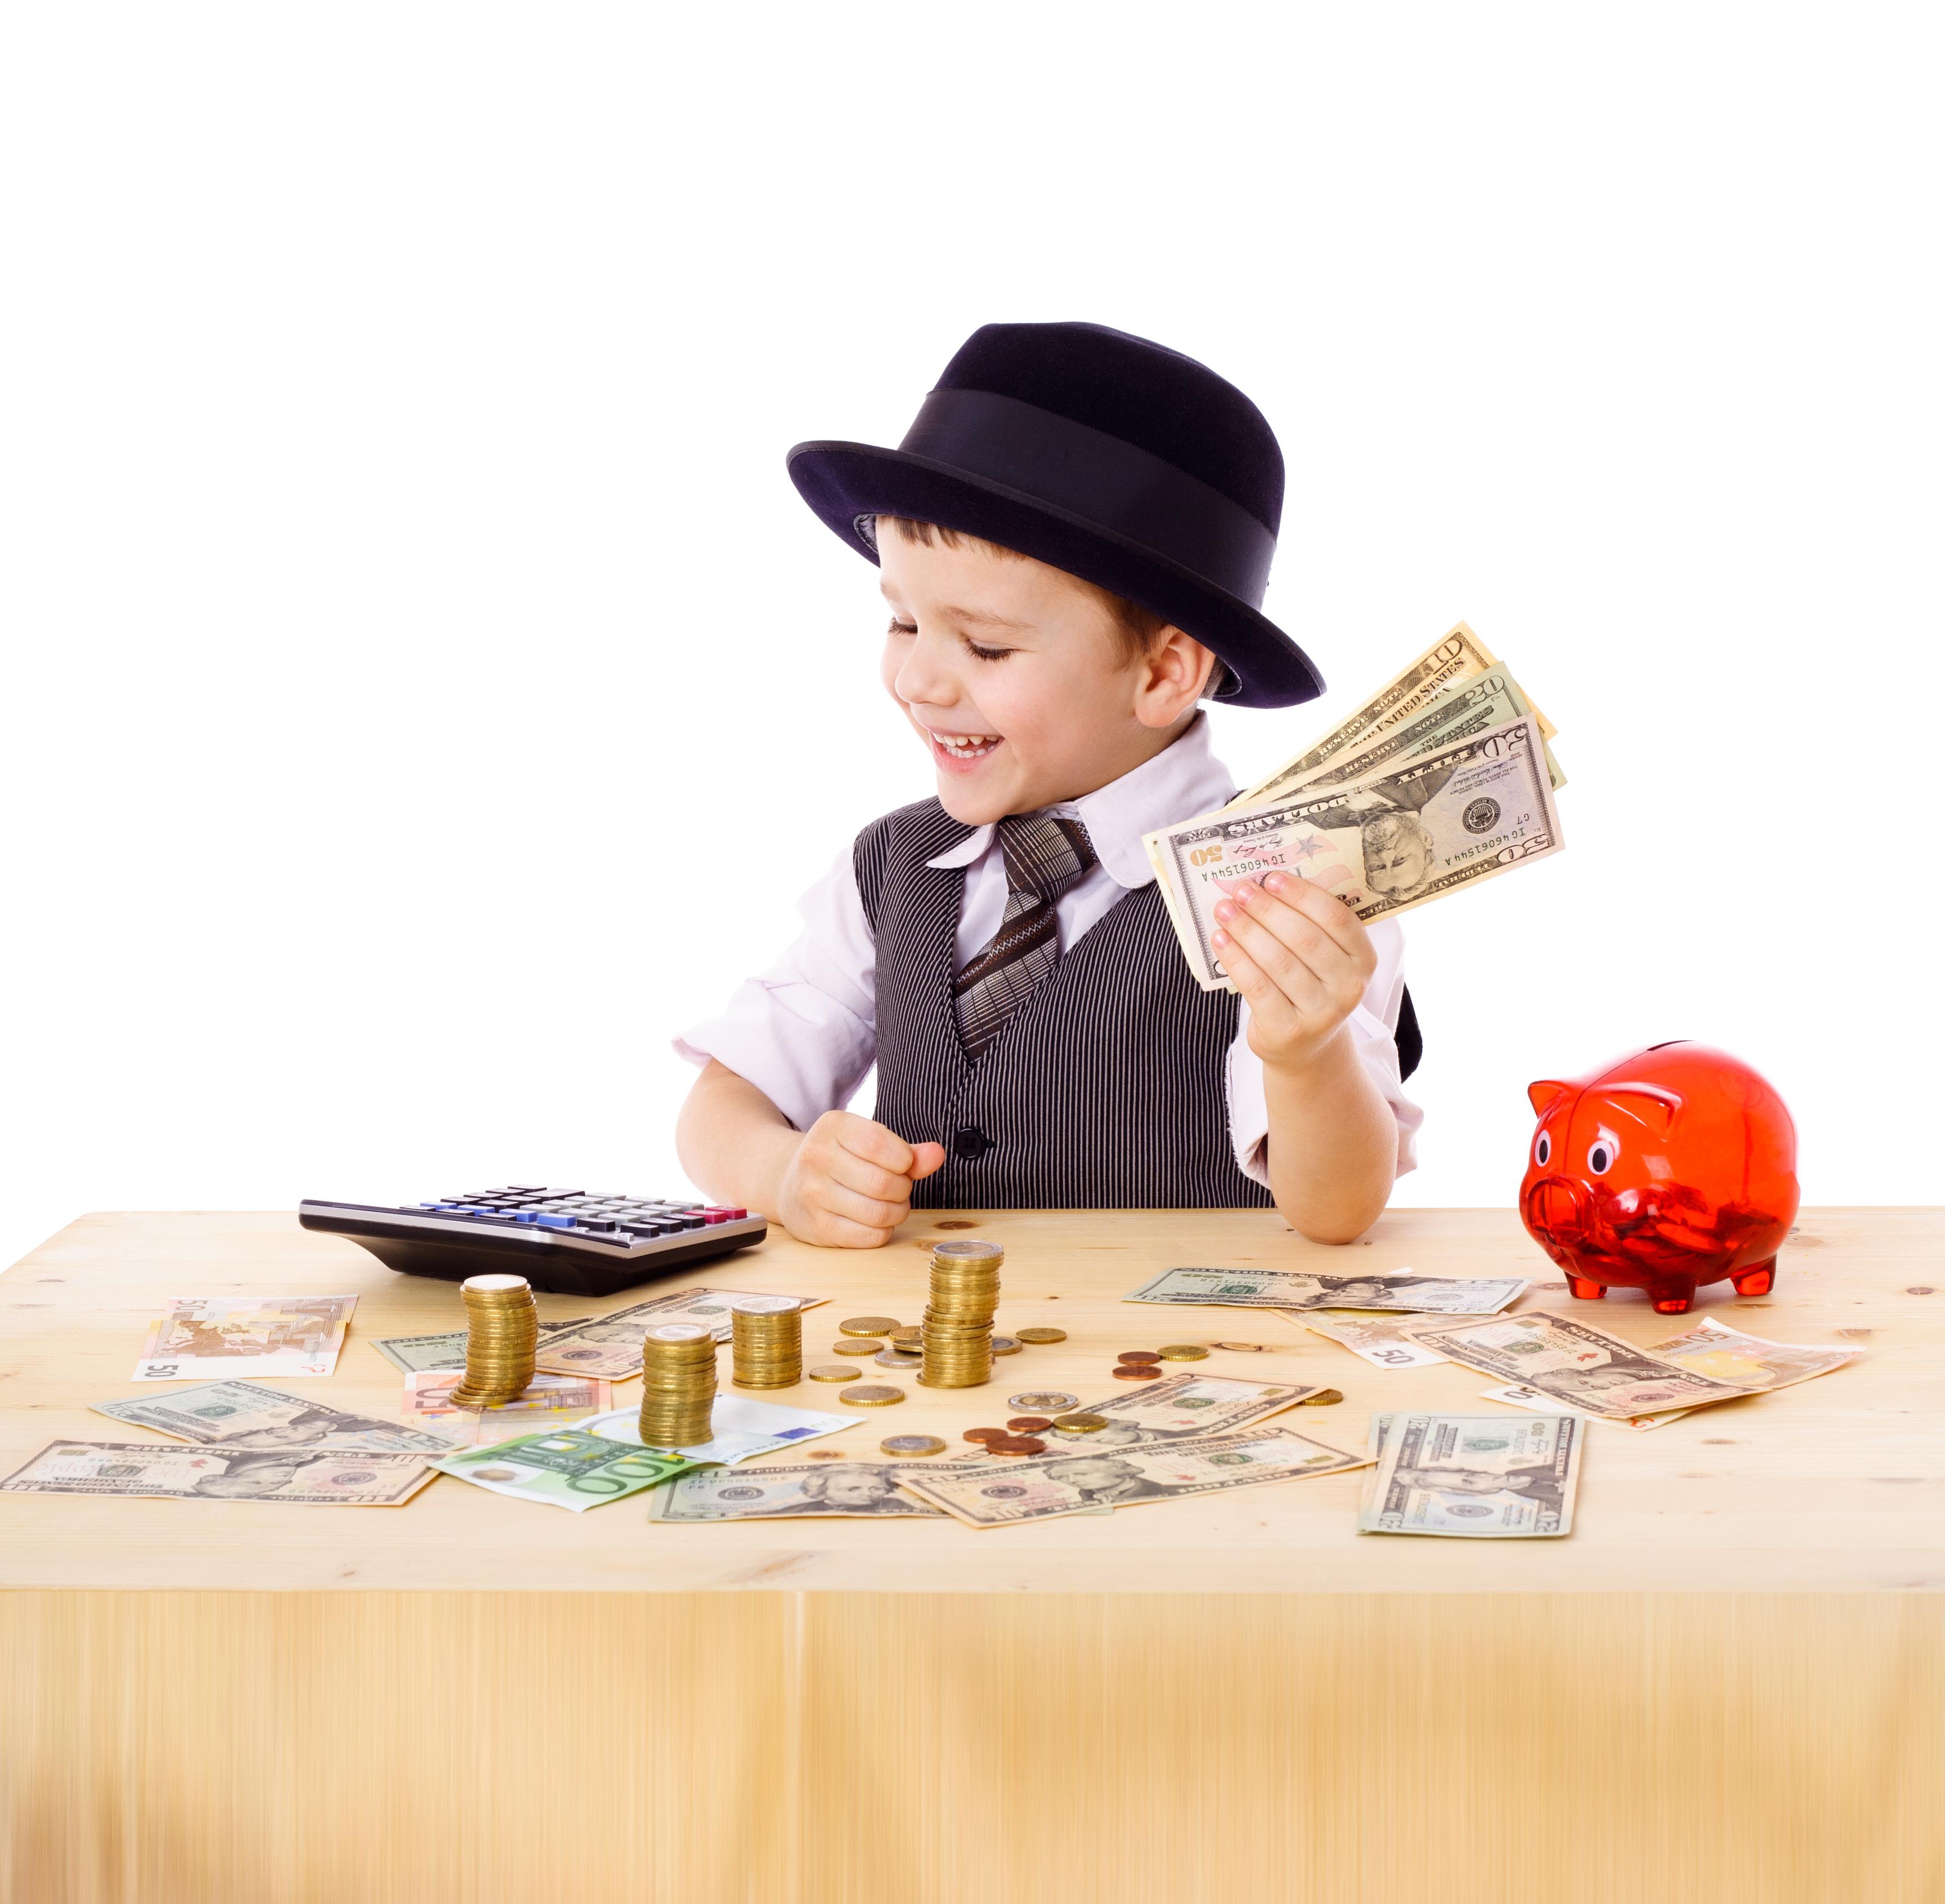 financas_filhos_dinheiro